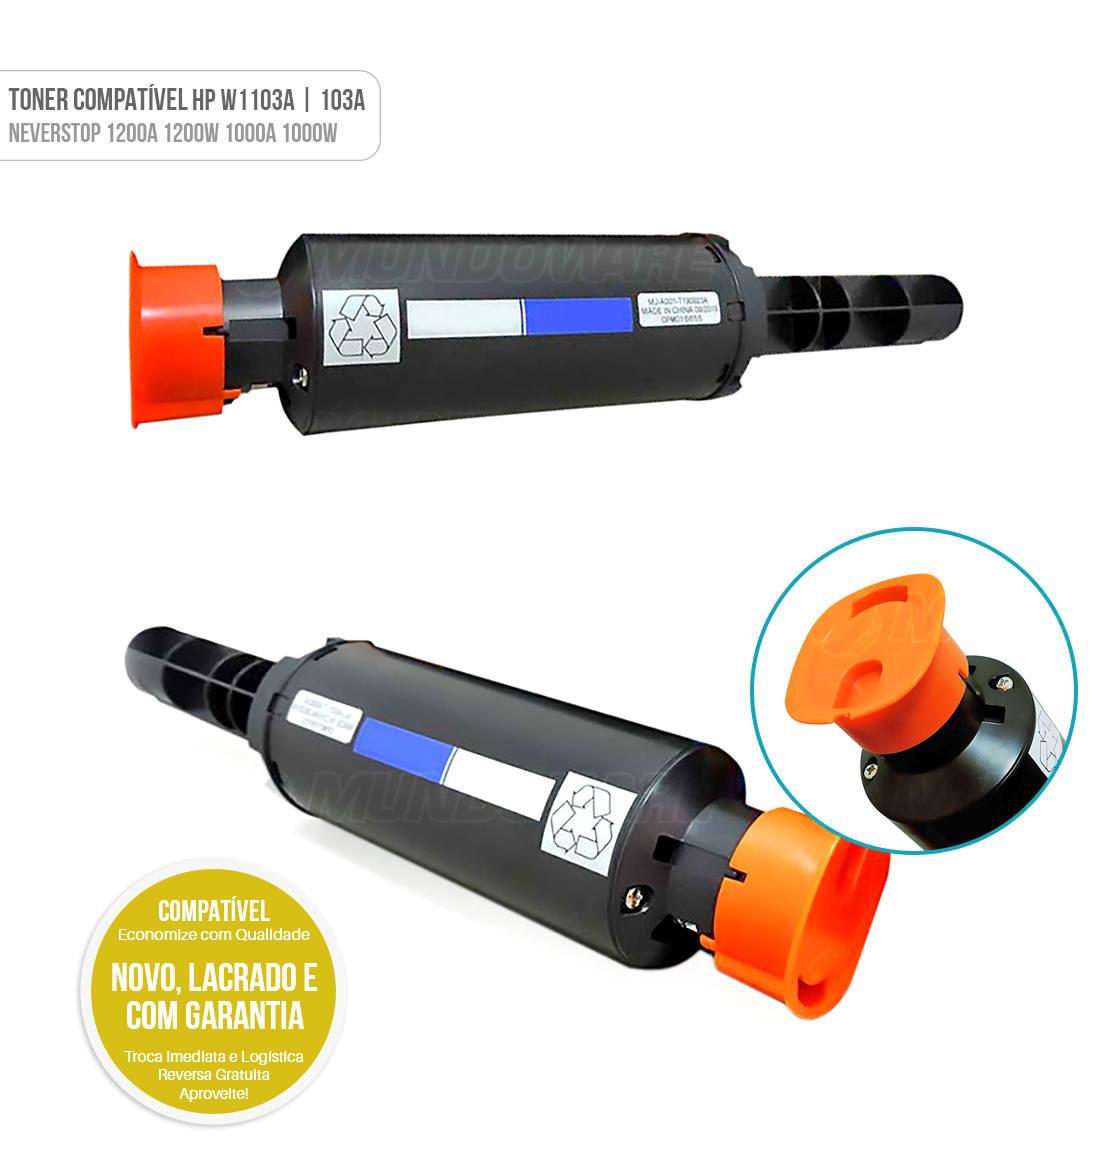 Toner Compatível modelo 103A W1103A para Impressora HP Neverstop 1200A 1200W 1000A 1000W Preto 2.500 Tonner